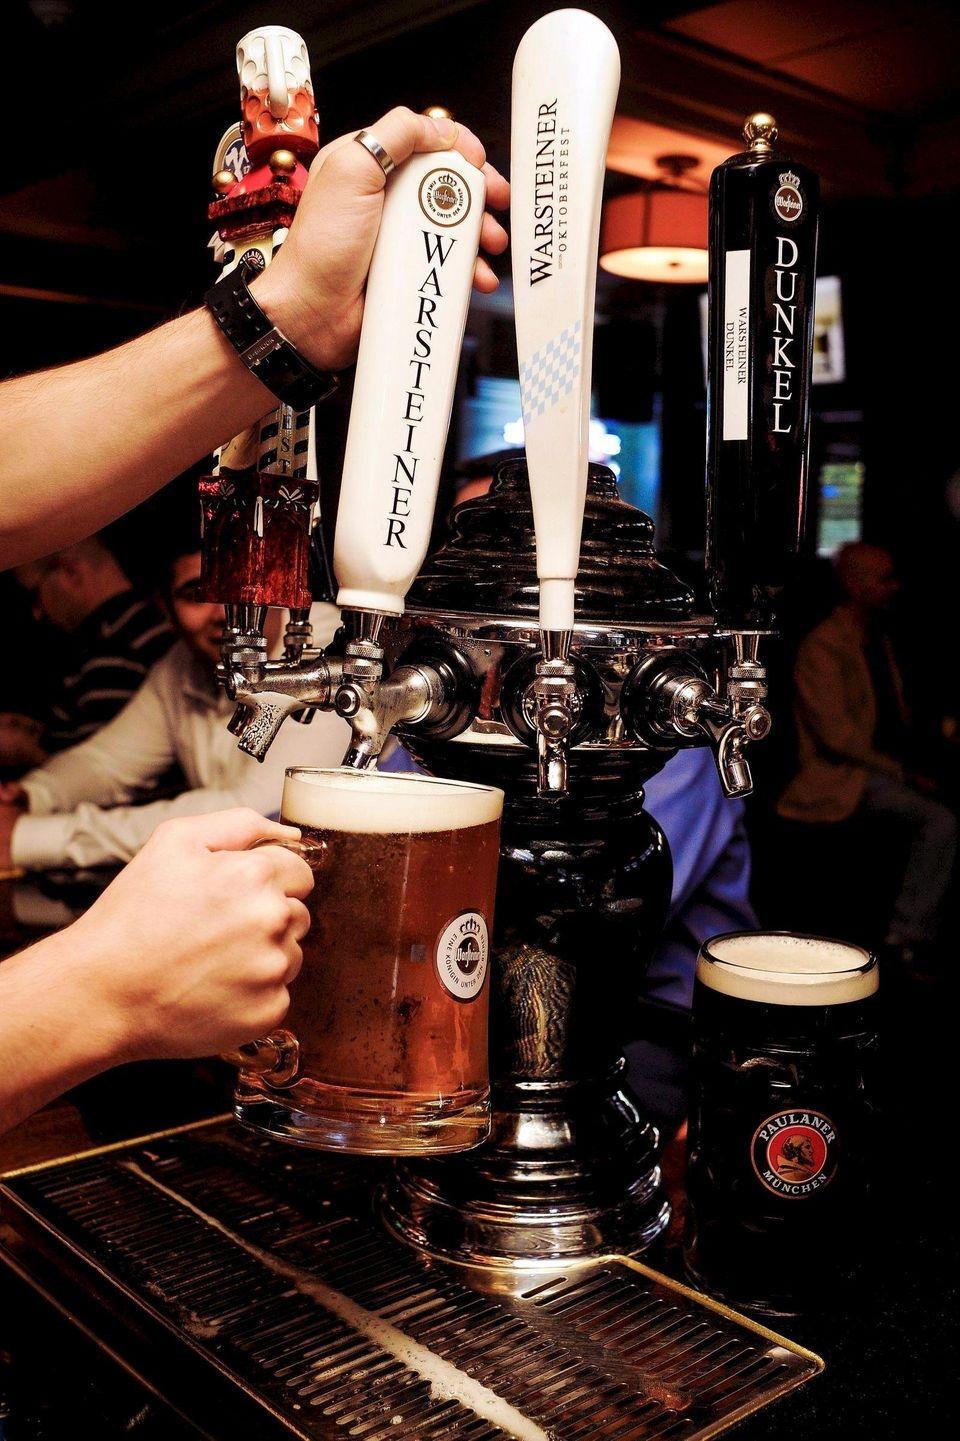 Warsteiner is among the German breweries represented on